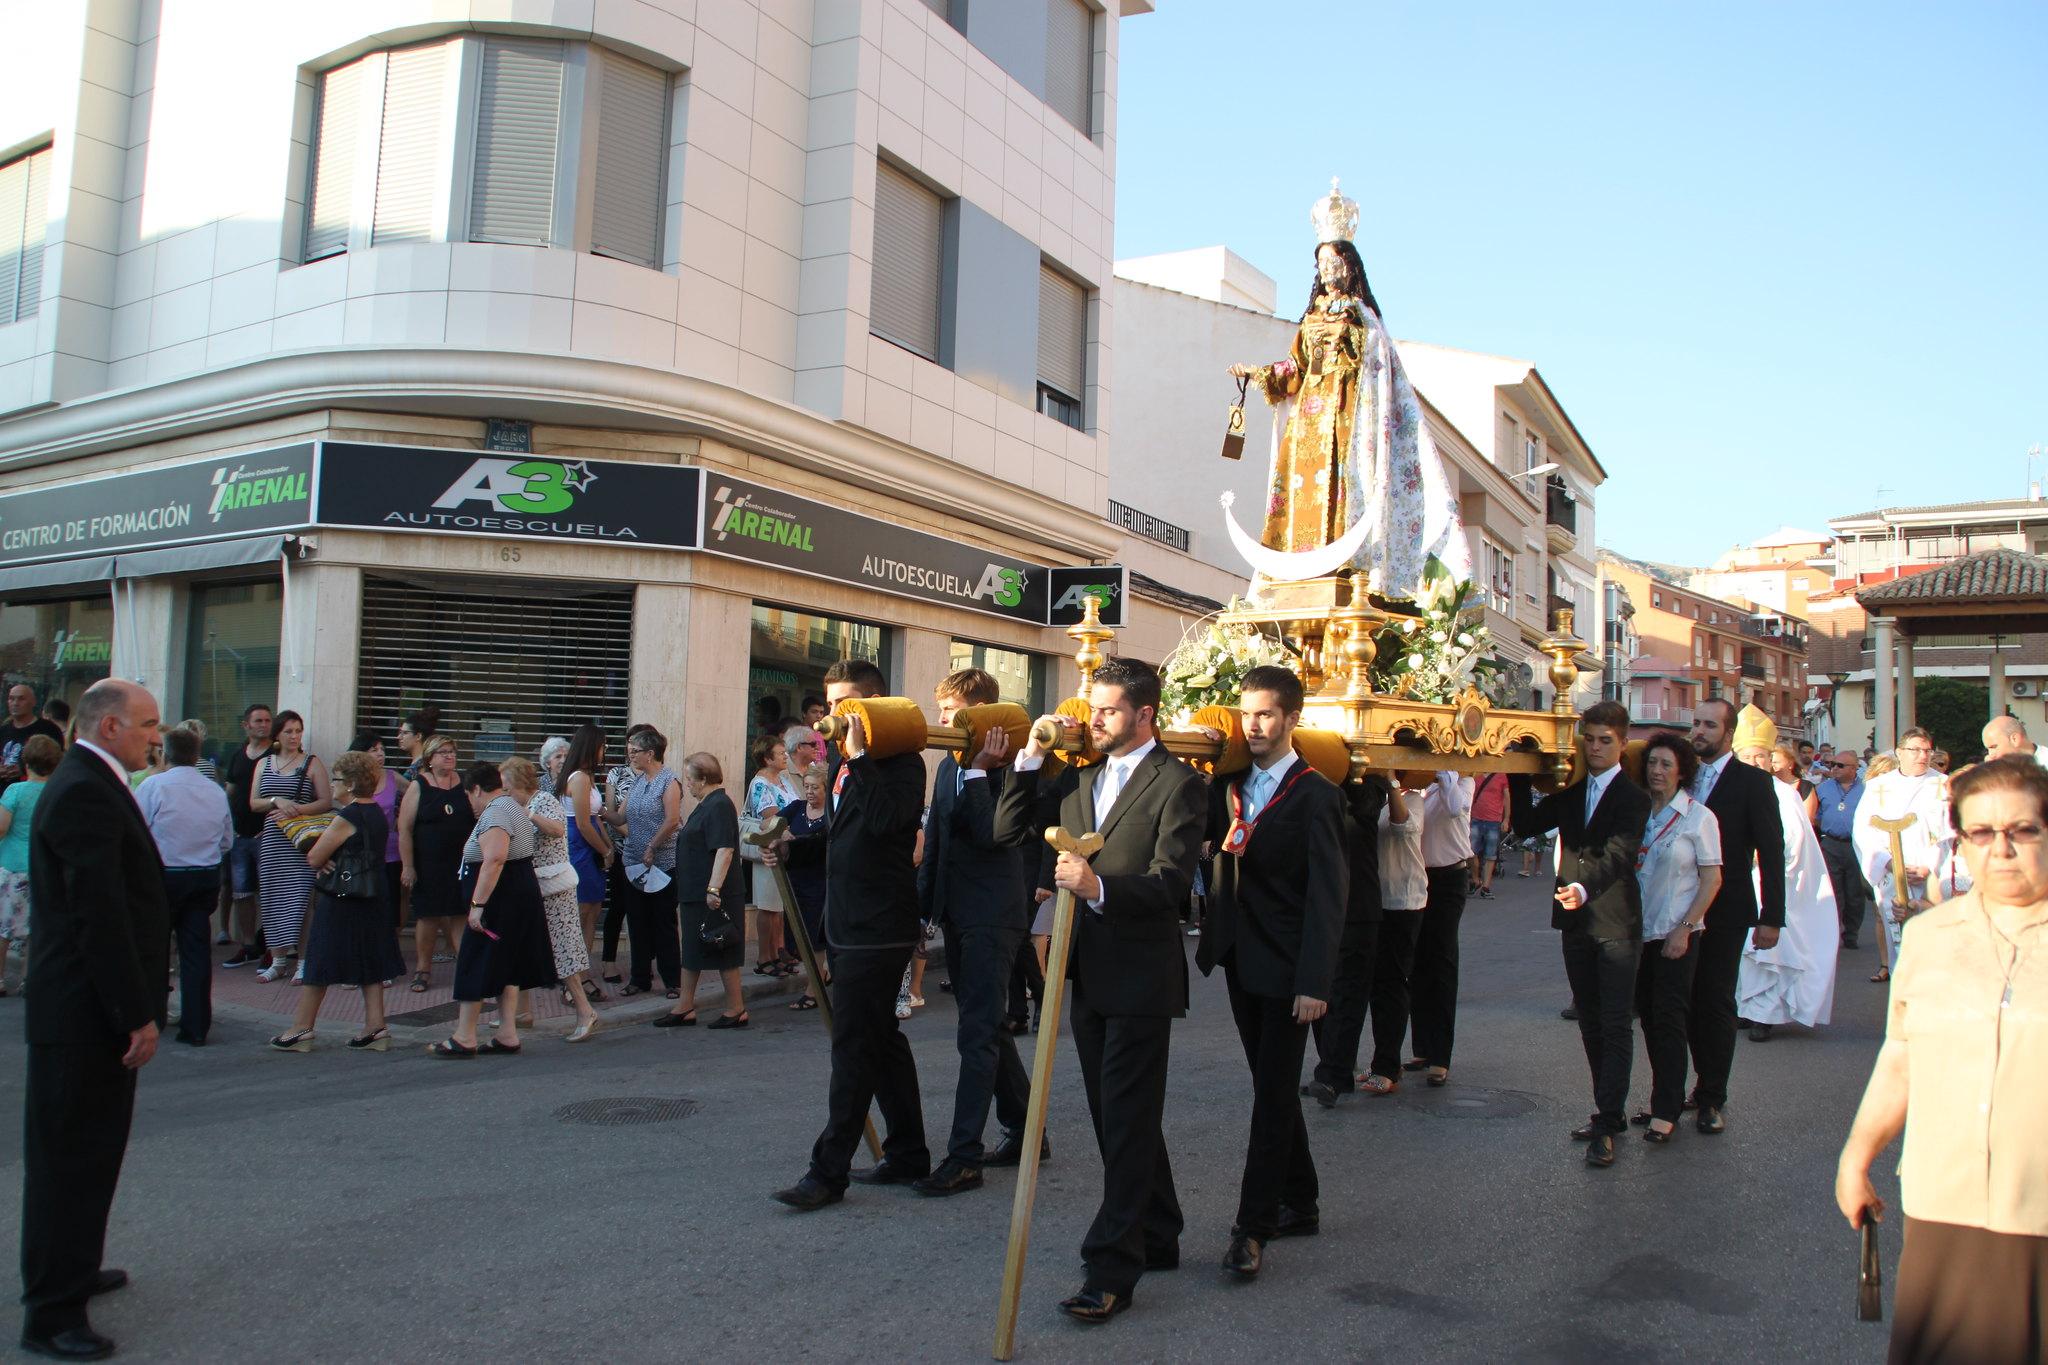 (2015-07-12) - Virgen del Carmen, parroquia La Santa Cruz - Javier Romero Ripoll (192)